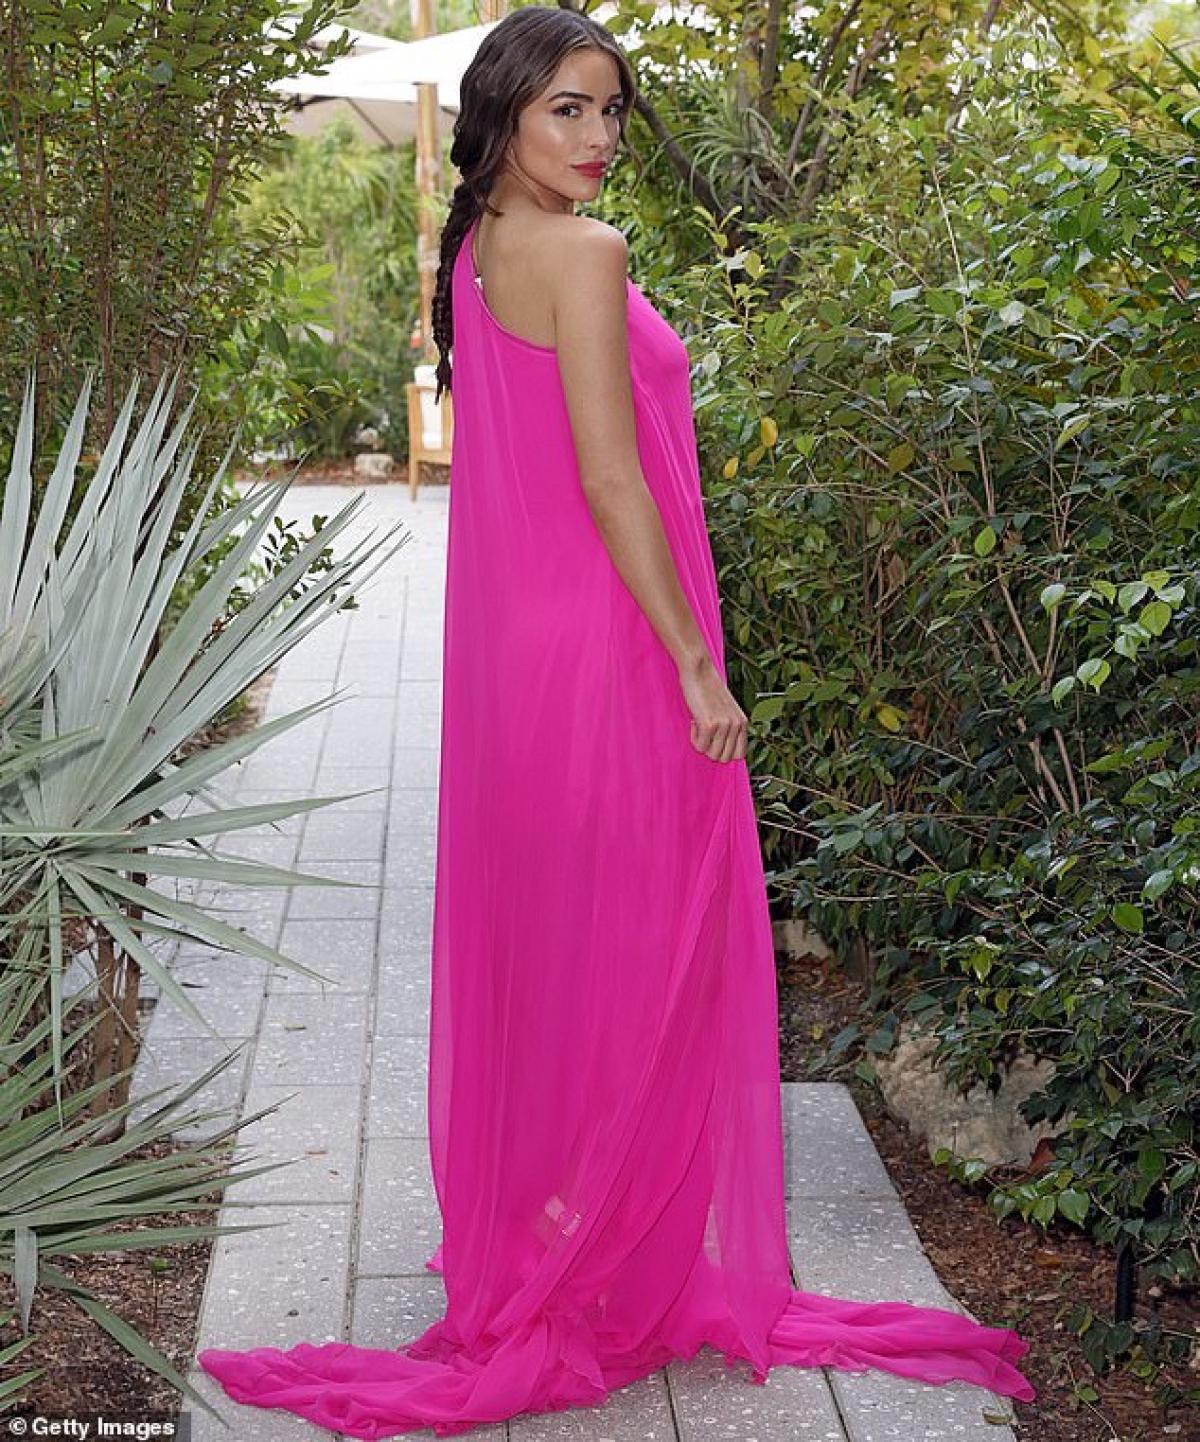 Người đẹp trang điểm nhẹ nhàng, diện đầm lệch vai màu hồng nổi bật của thương hiệu thời trang nổi tiếng.